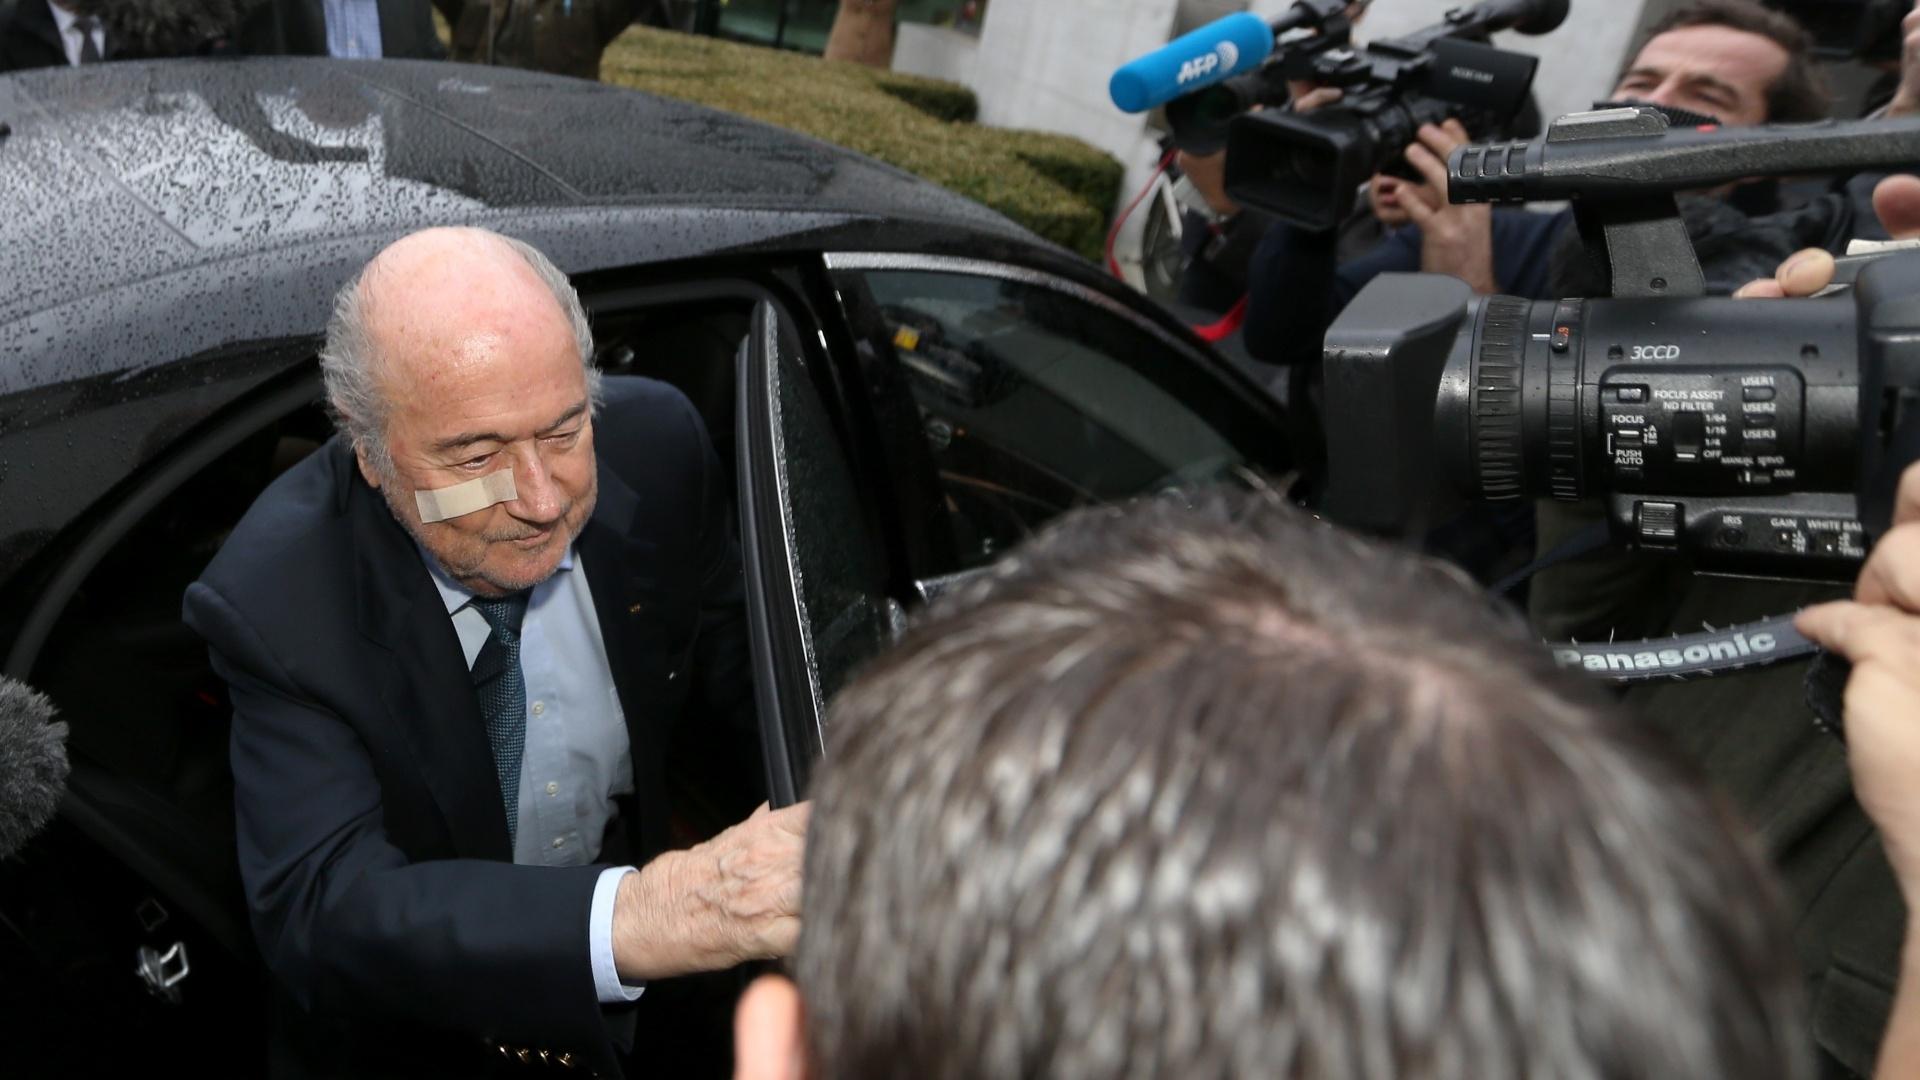 21.dez.2015 - O presidente da Fifa, Joseph Blatter, é cercado por jornalistas em sua chegada para uma coletiva de imprensa em Zurique, na Suíça. O dirigente suíço foi suspenso nesta segunda-feira (21) por oito anos, junto com o francês Michel Platini, presidente da Uefa,